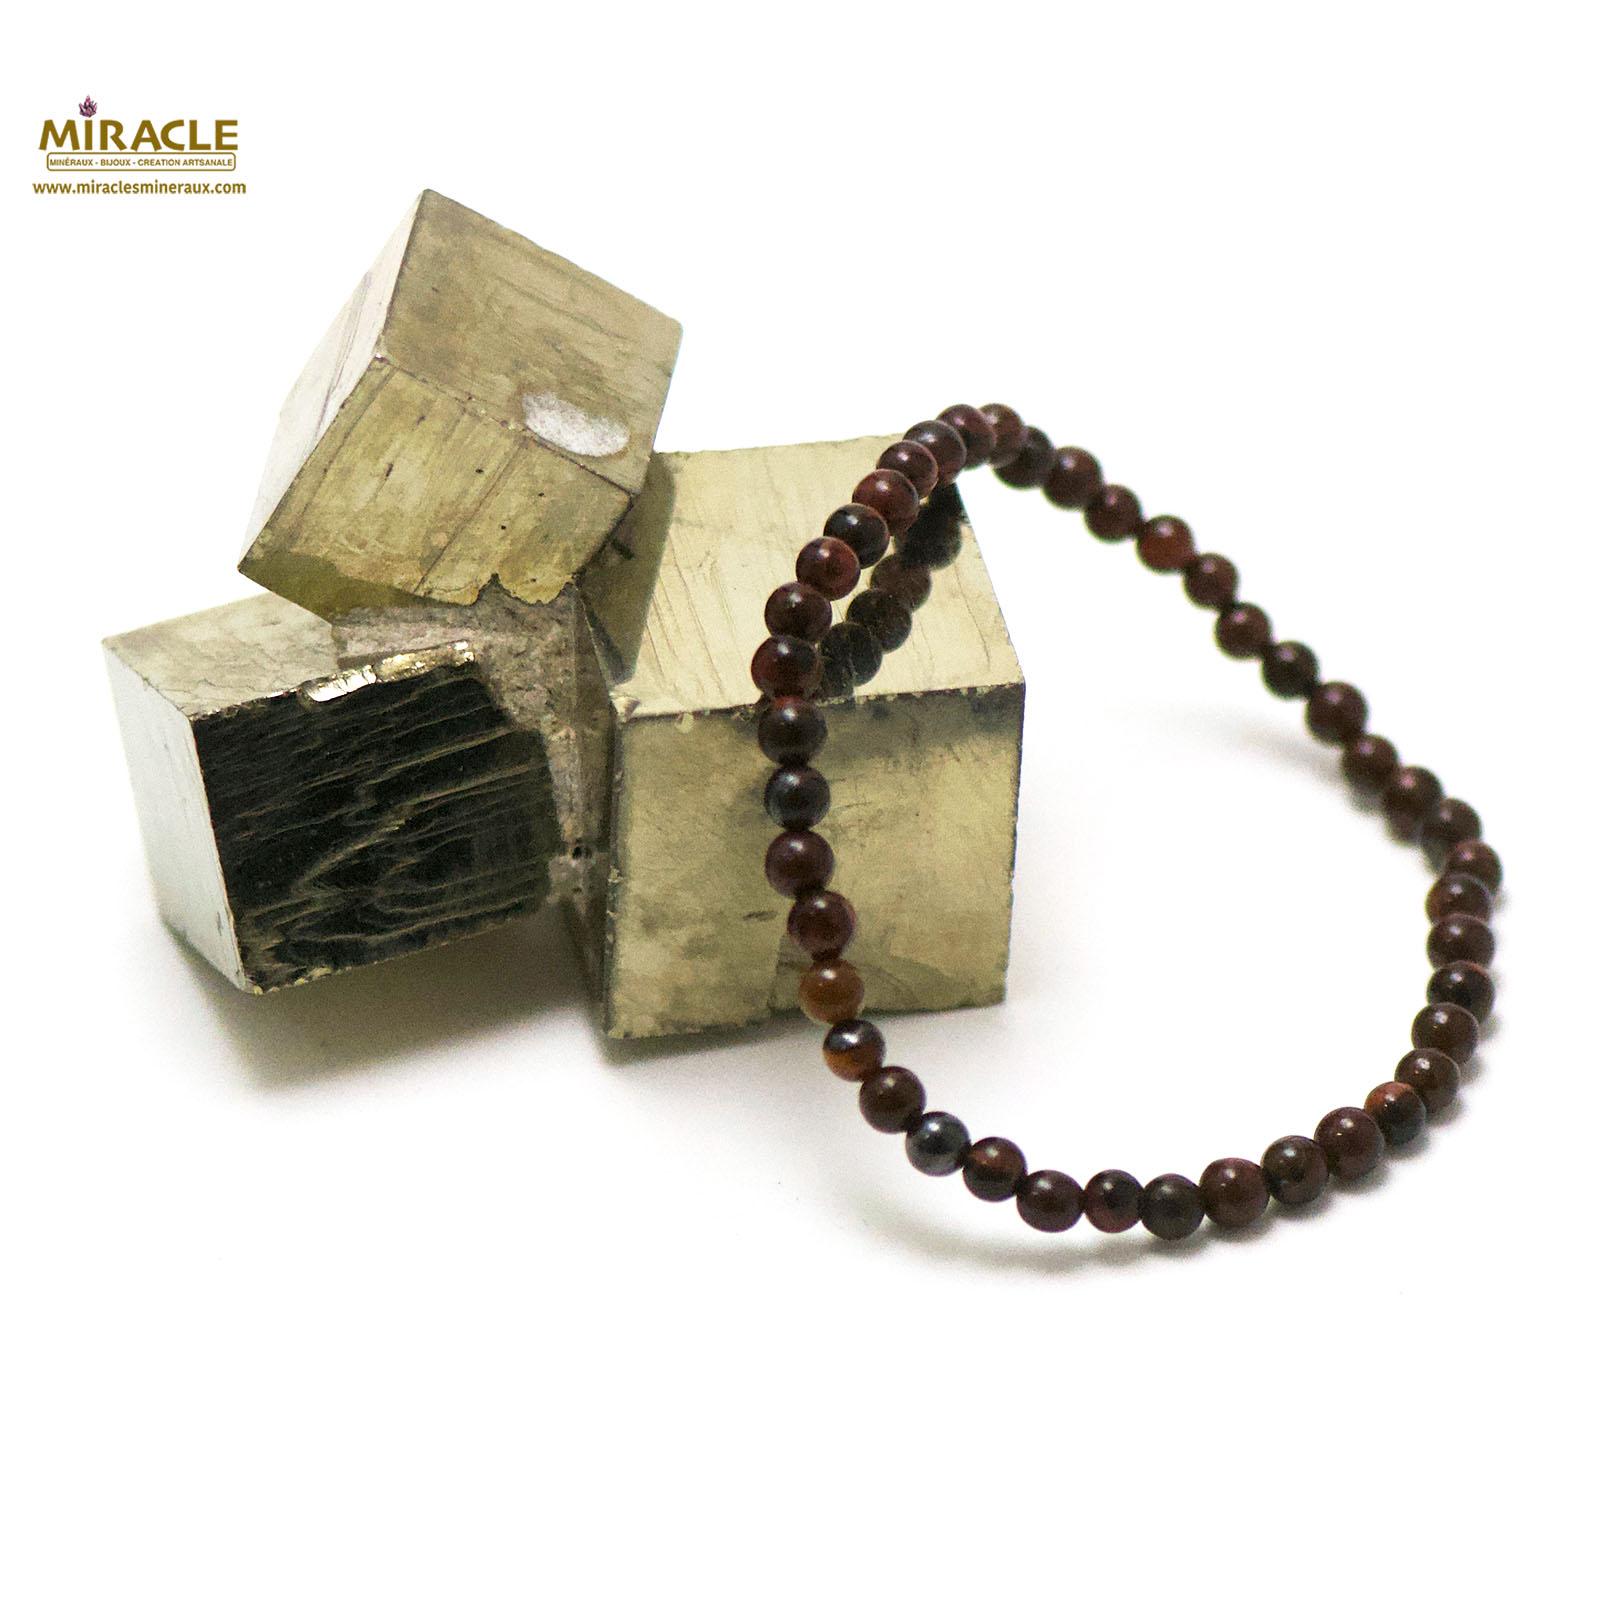 Bracelet oeil de taureaux perle ronde 4 mm